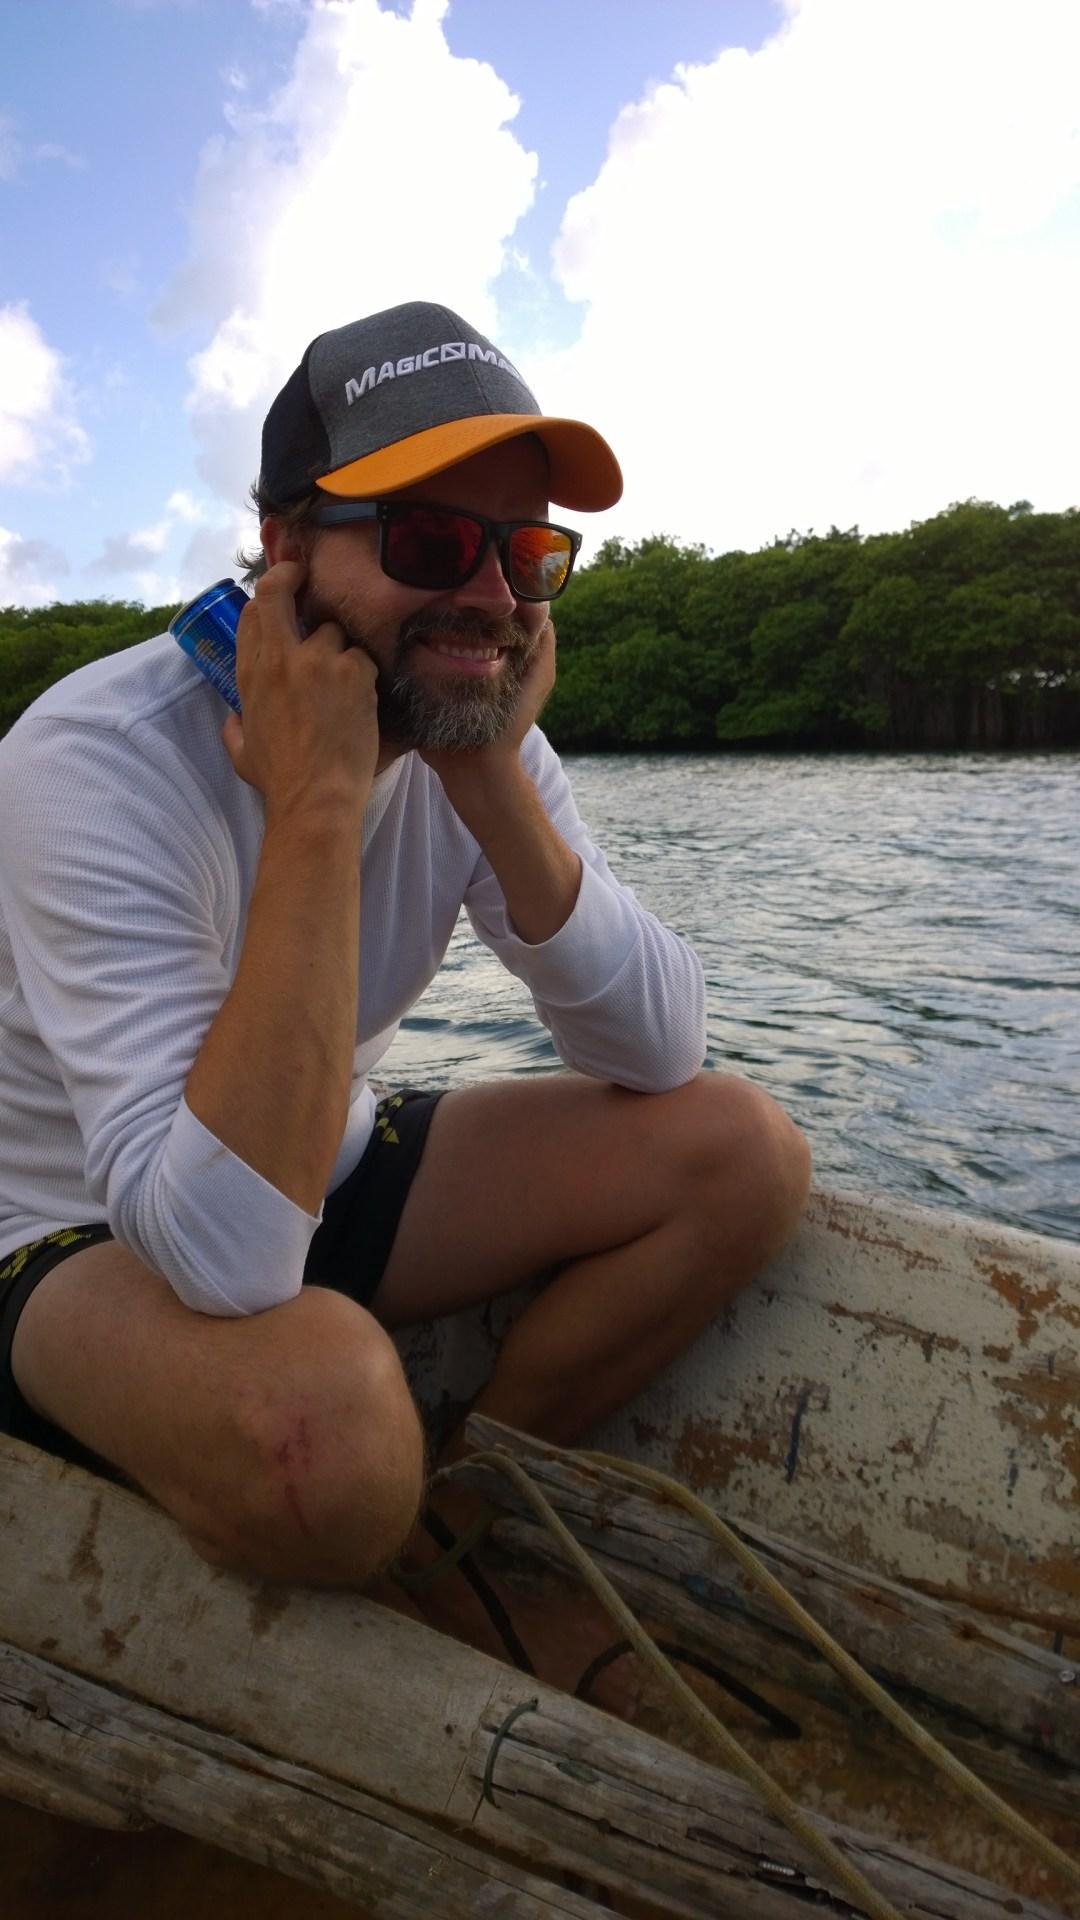 Veneen moottorista puuttui koppa, se oli maassa veneen pohjalla. Pärinä oli sen mukaista ja Jaakko, joka istui moottorin vieressä, sai pitää korvista kiinni, ettei menettäisi kuuloaan.